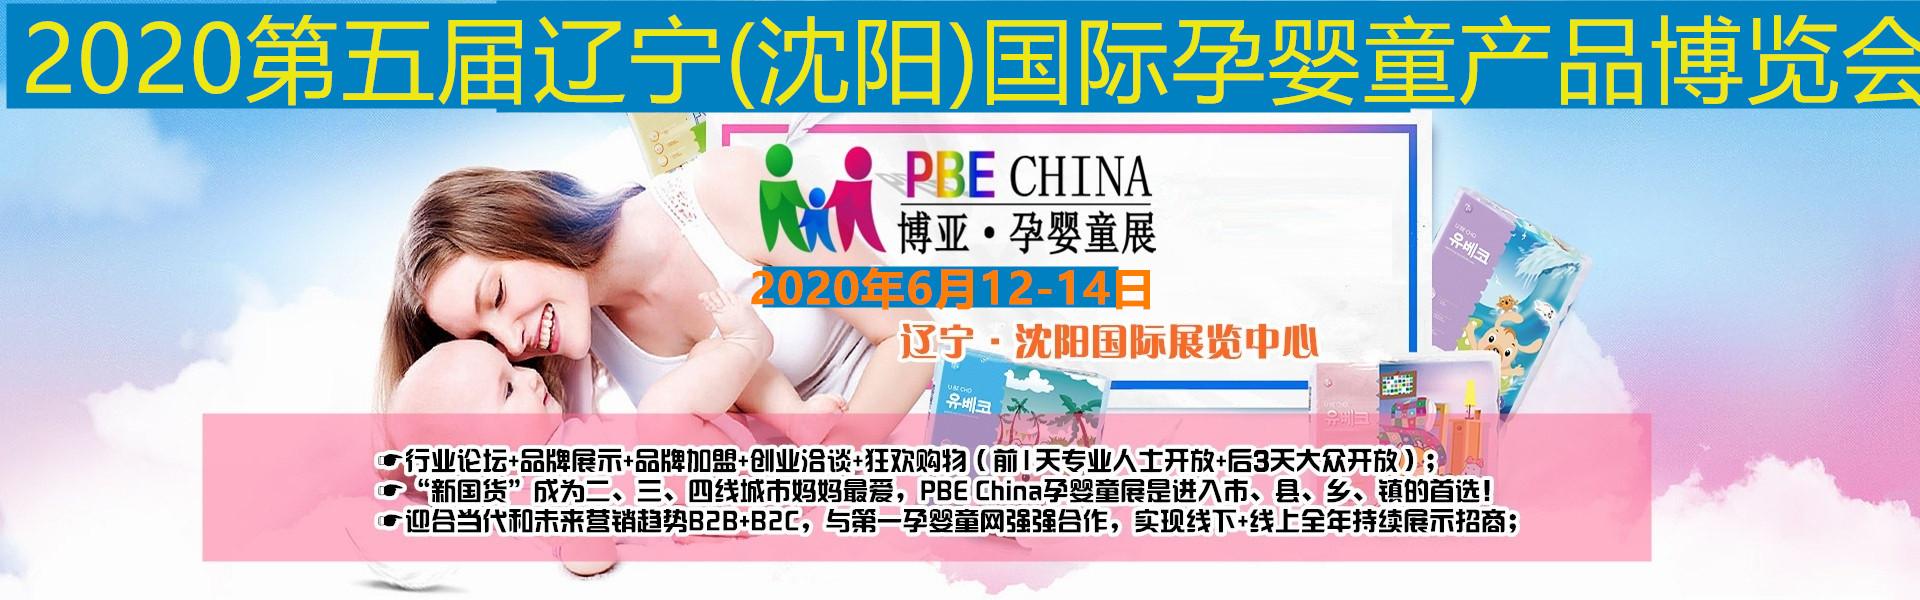 2020年第五届沈阳孕婴童展招商正式启动|